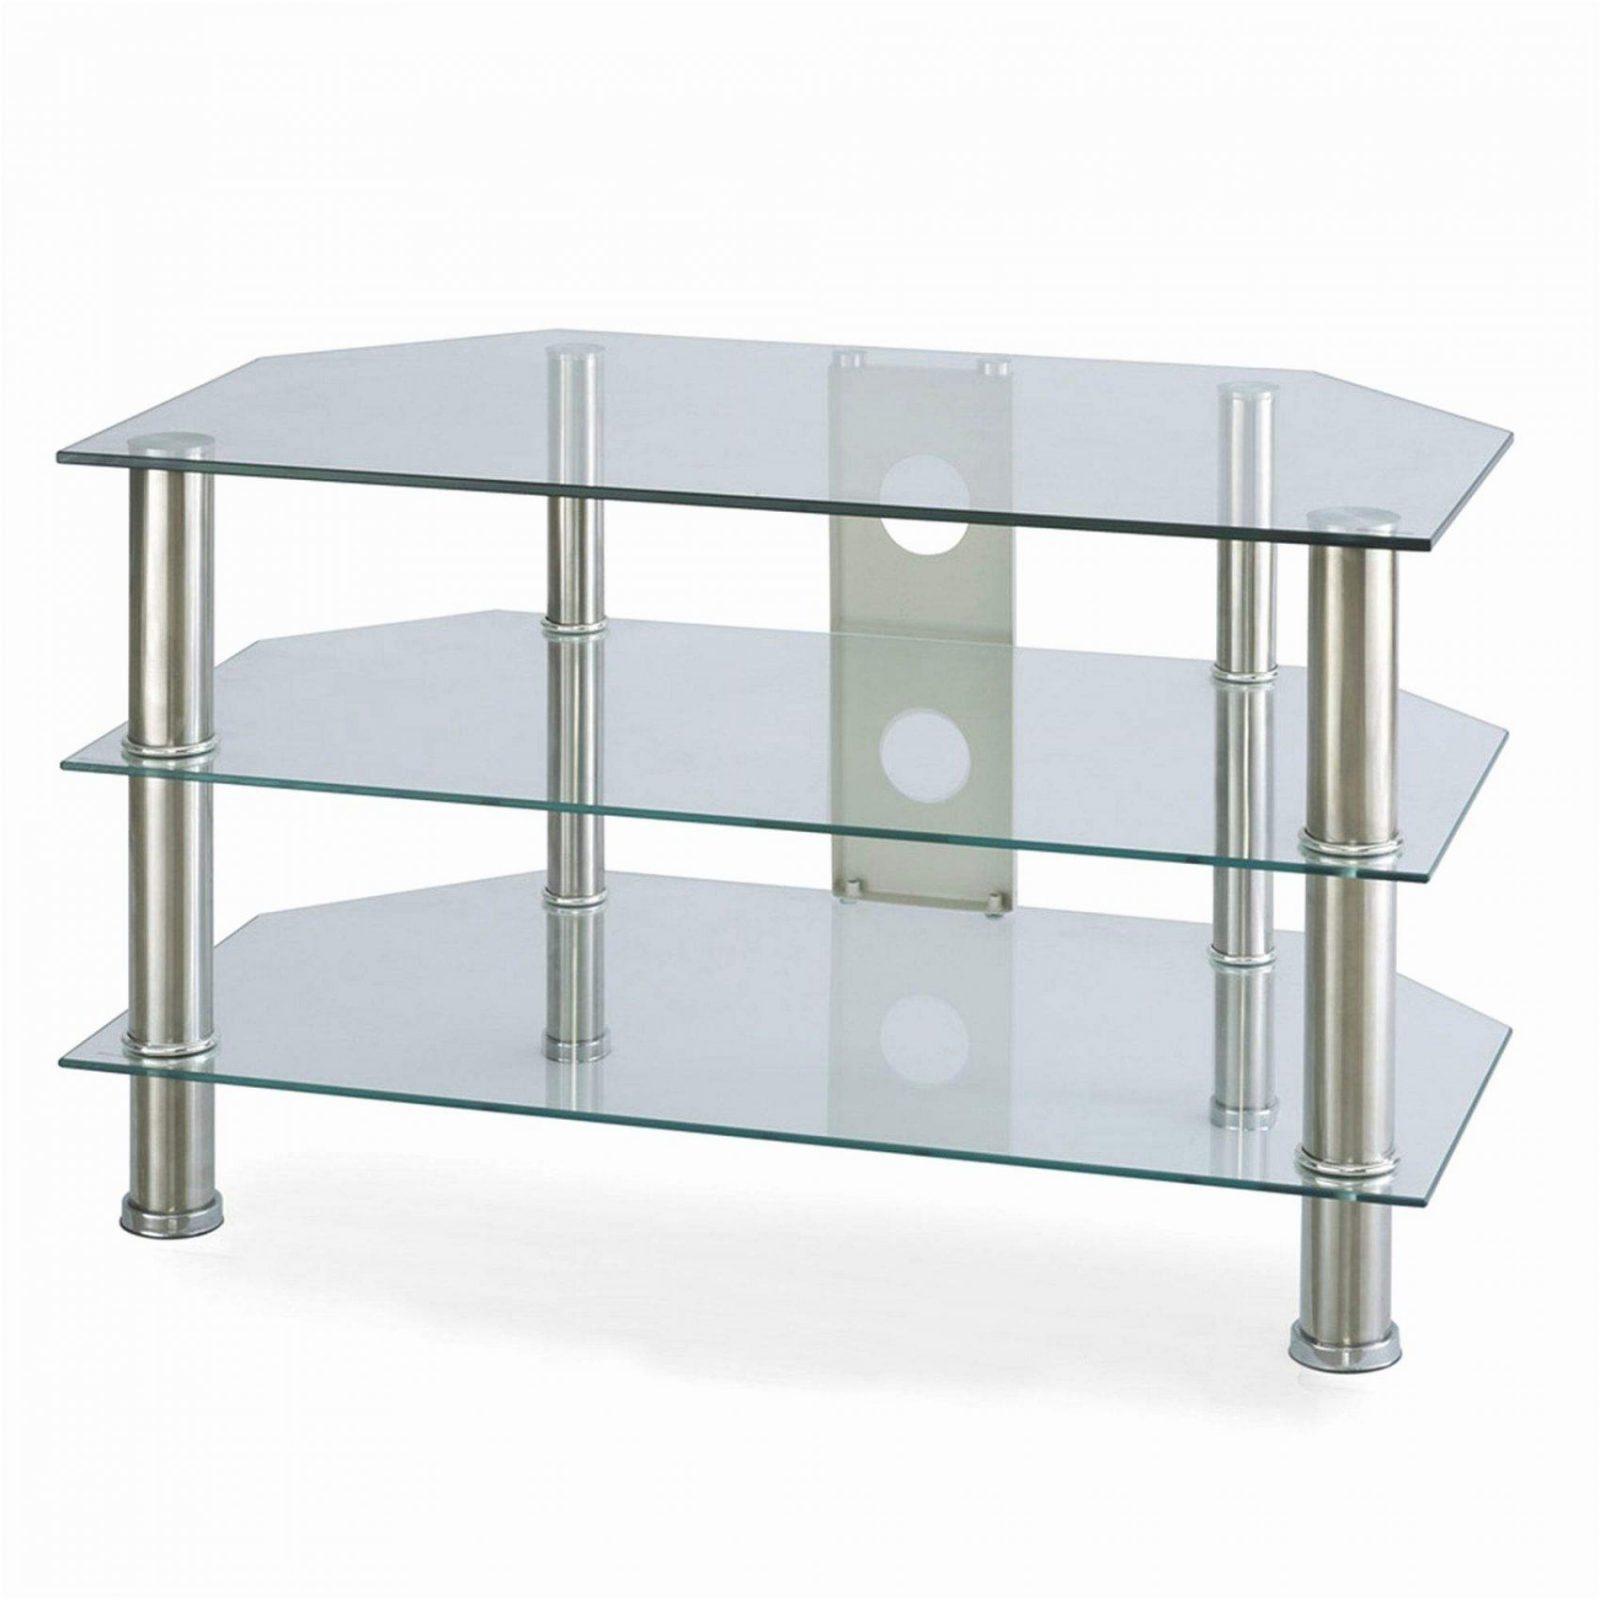 Tv Tisch Glas Luxus Aus Glas Mit Rollen Gallery Medium Size Glas von Tv Tisch Glas Mit Rollen Photo